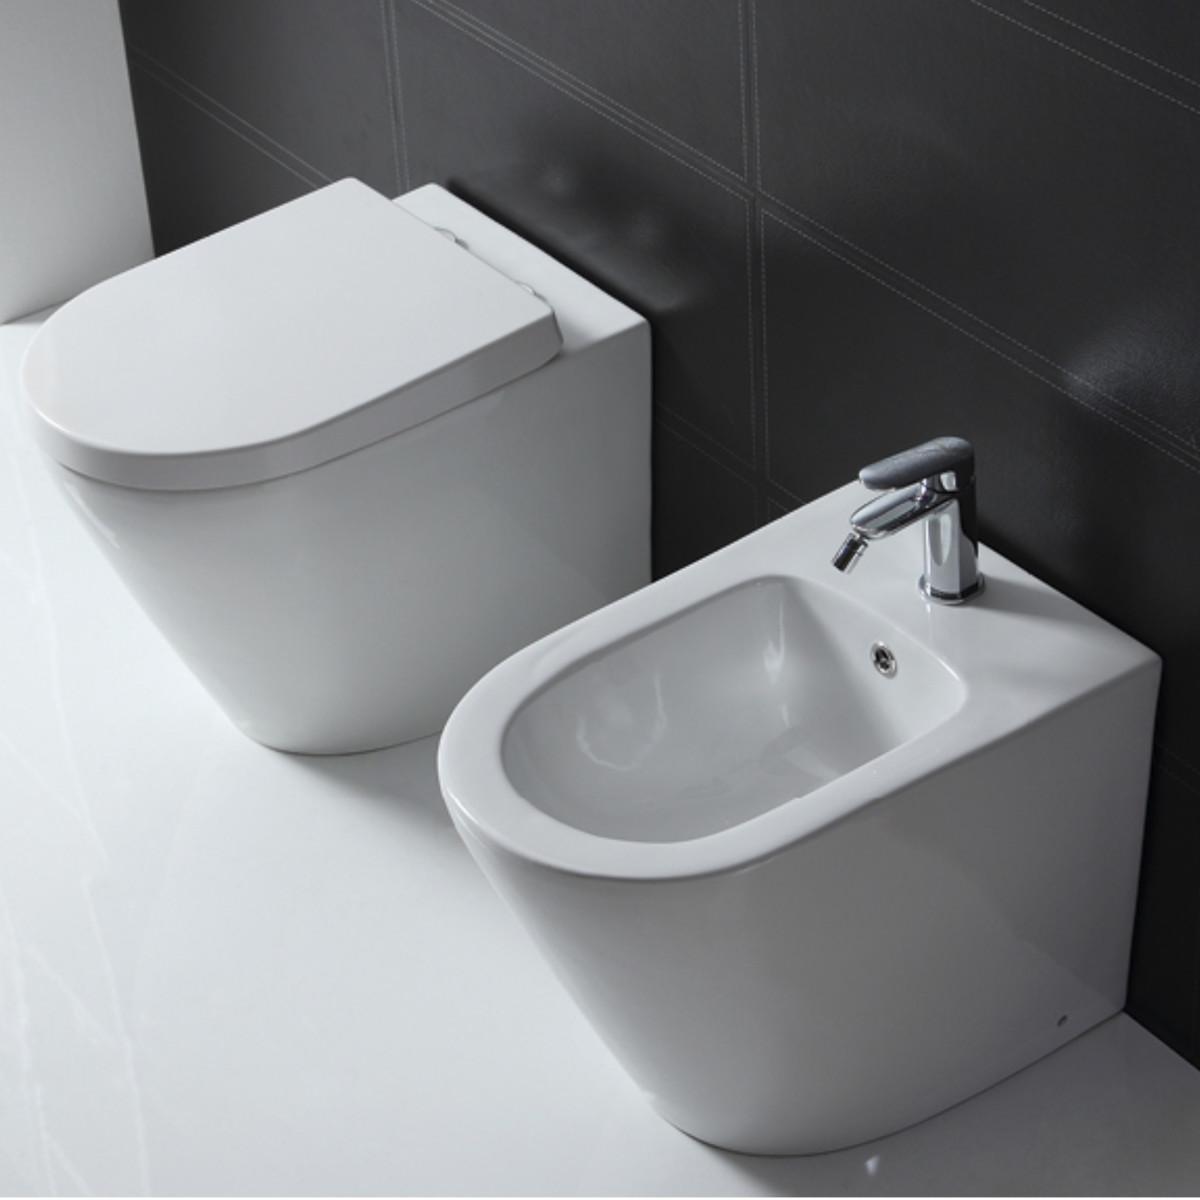 Prezzi posacenere da muro prezzi e negozi for Sanitari per bagno in offerta